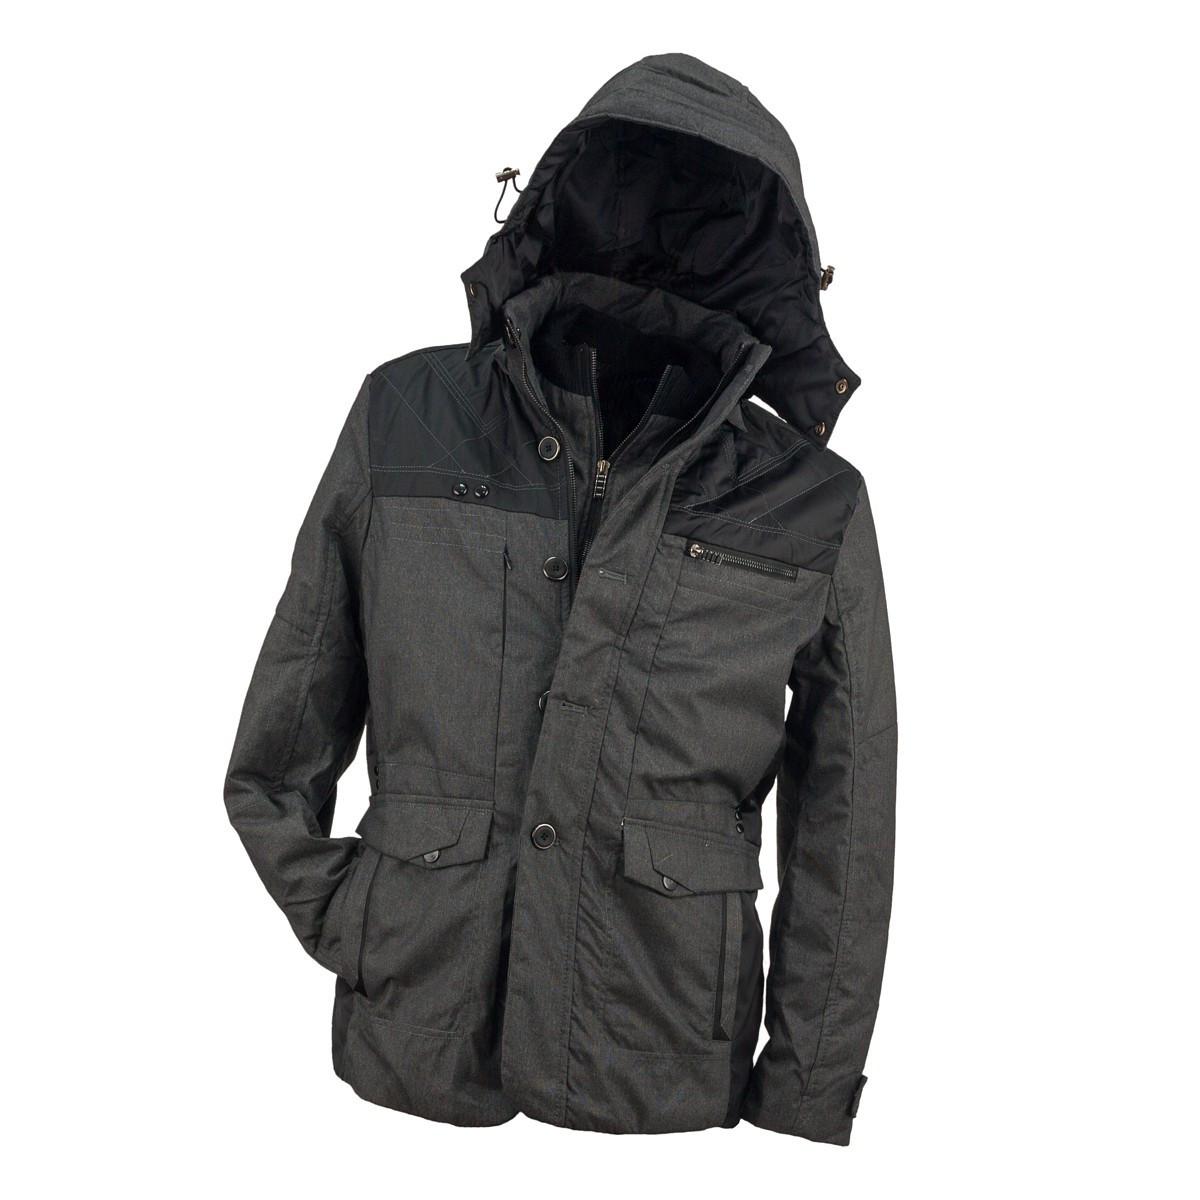 Куртка URG-0912 D.GREY выполнена из 100% полиэстера, черно-серого цвета.  Urgent (POLAND)